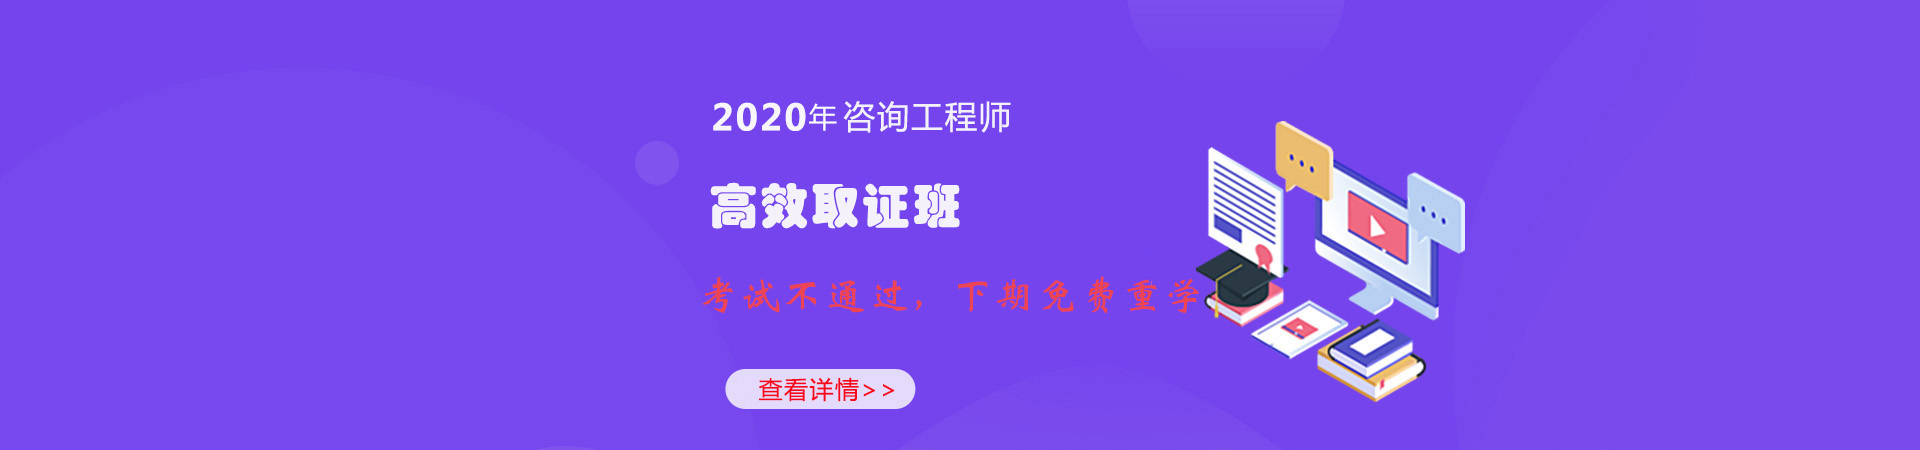 2020年咨询工程师网络365国际平台官网下载费用